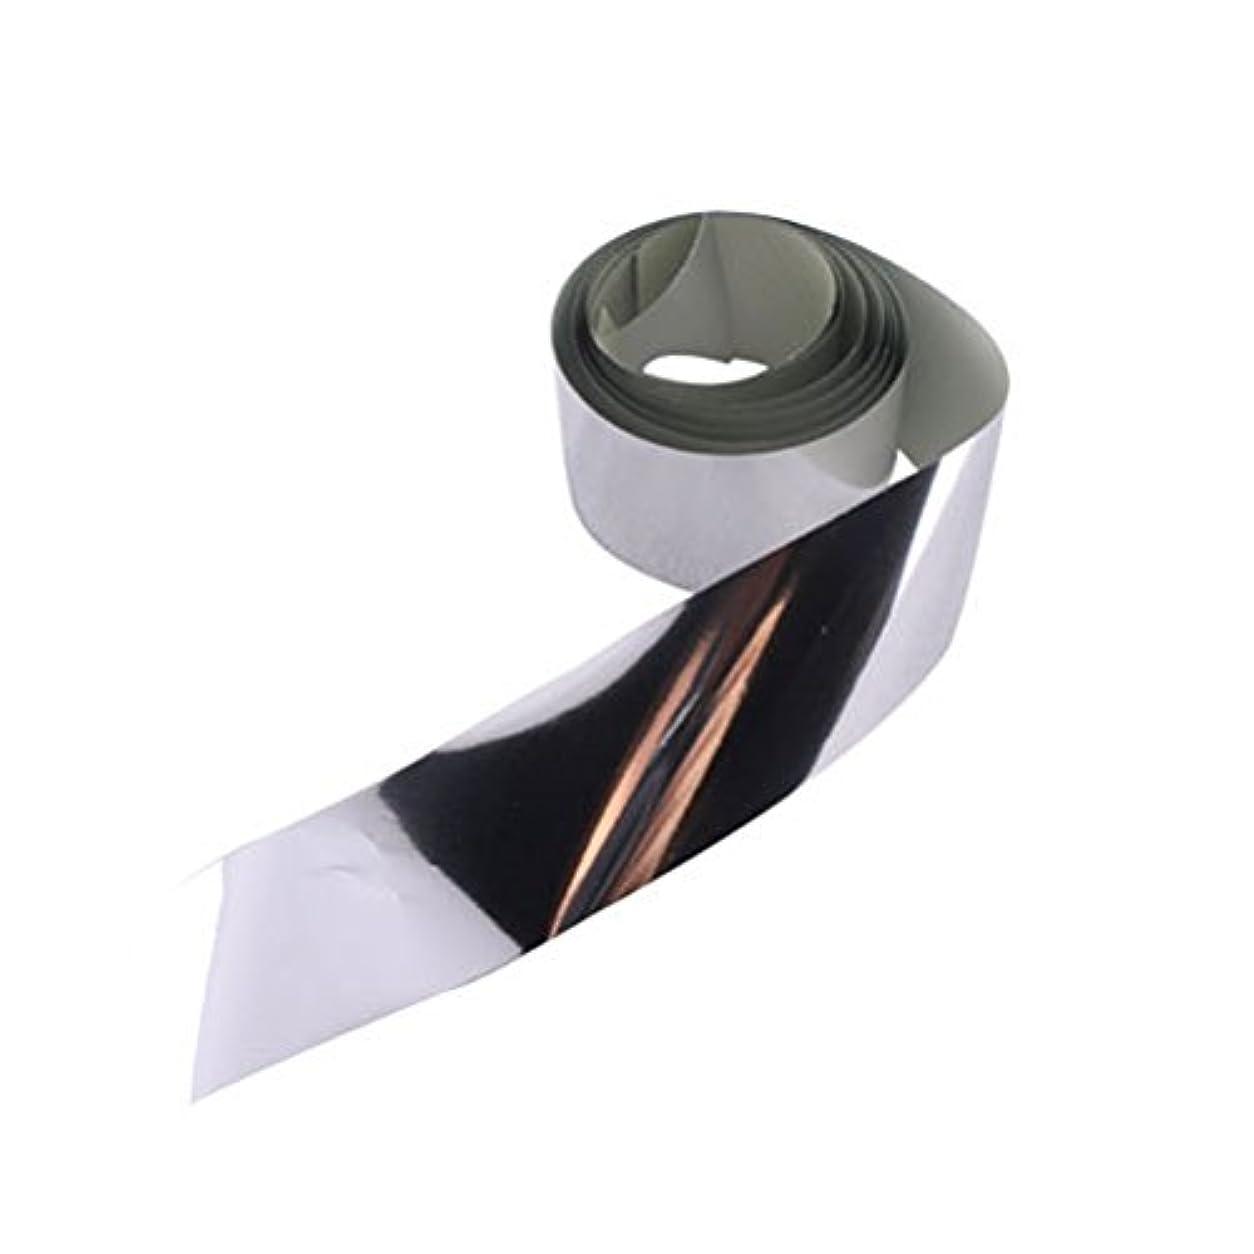 巻き戻すフィドル動詞アイスジェル オーロラシート(シルバー) 2cm×2m